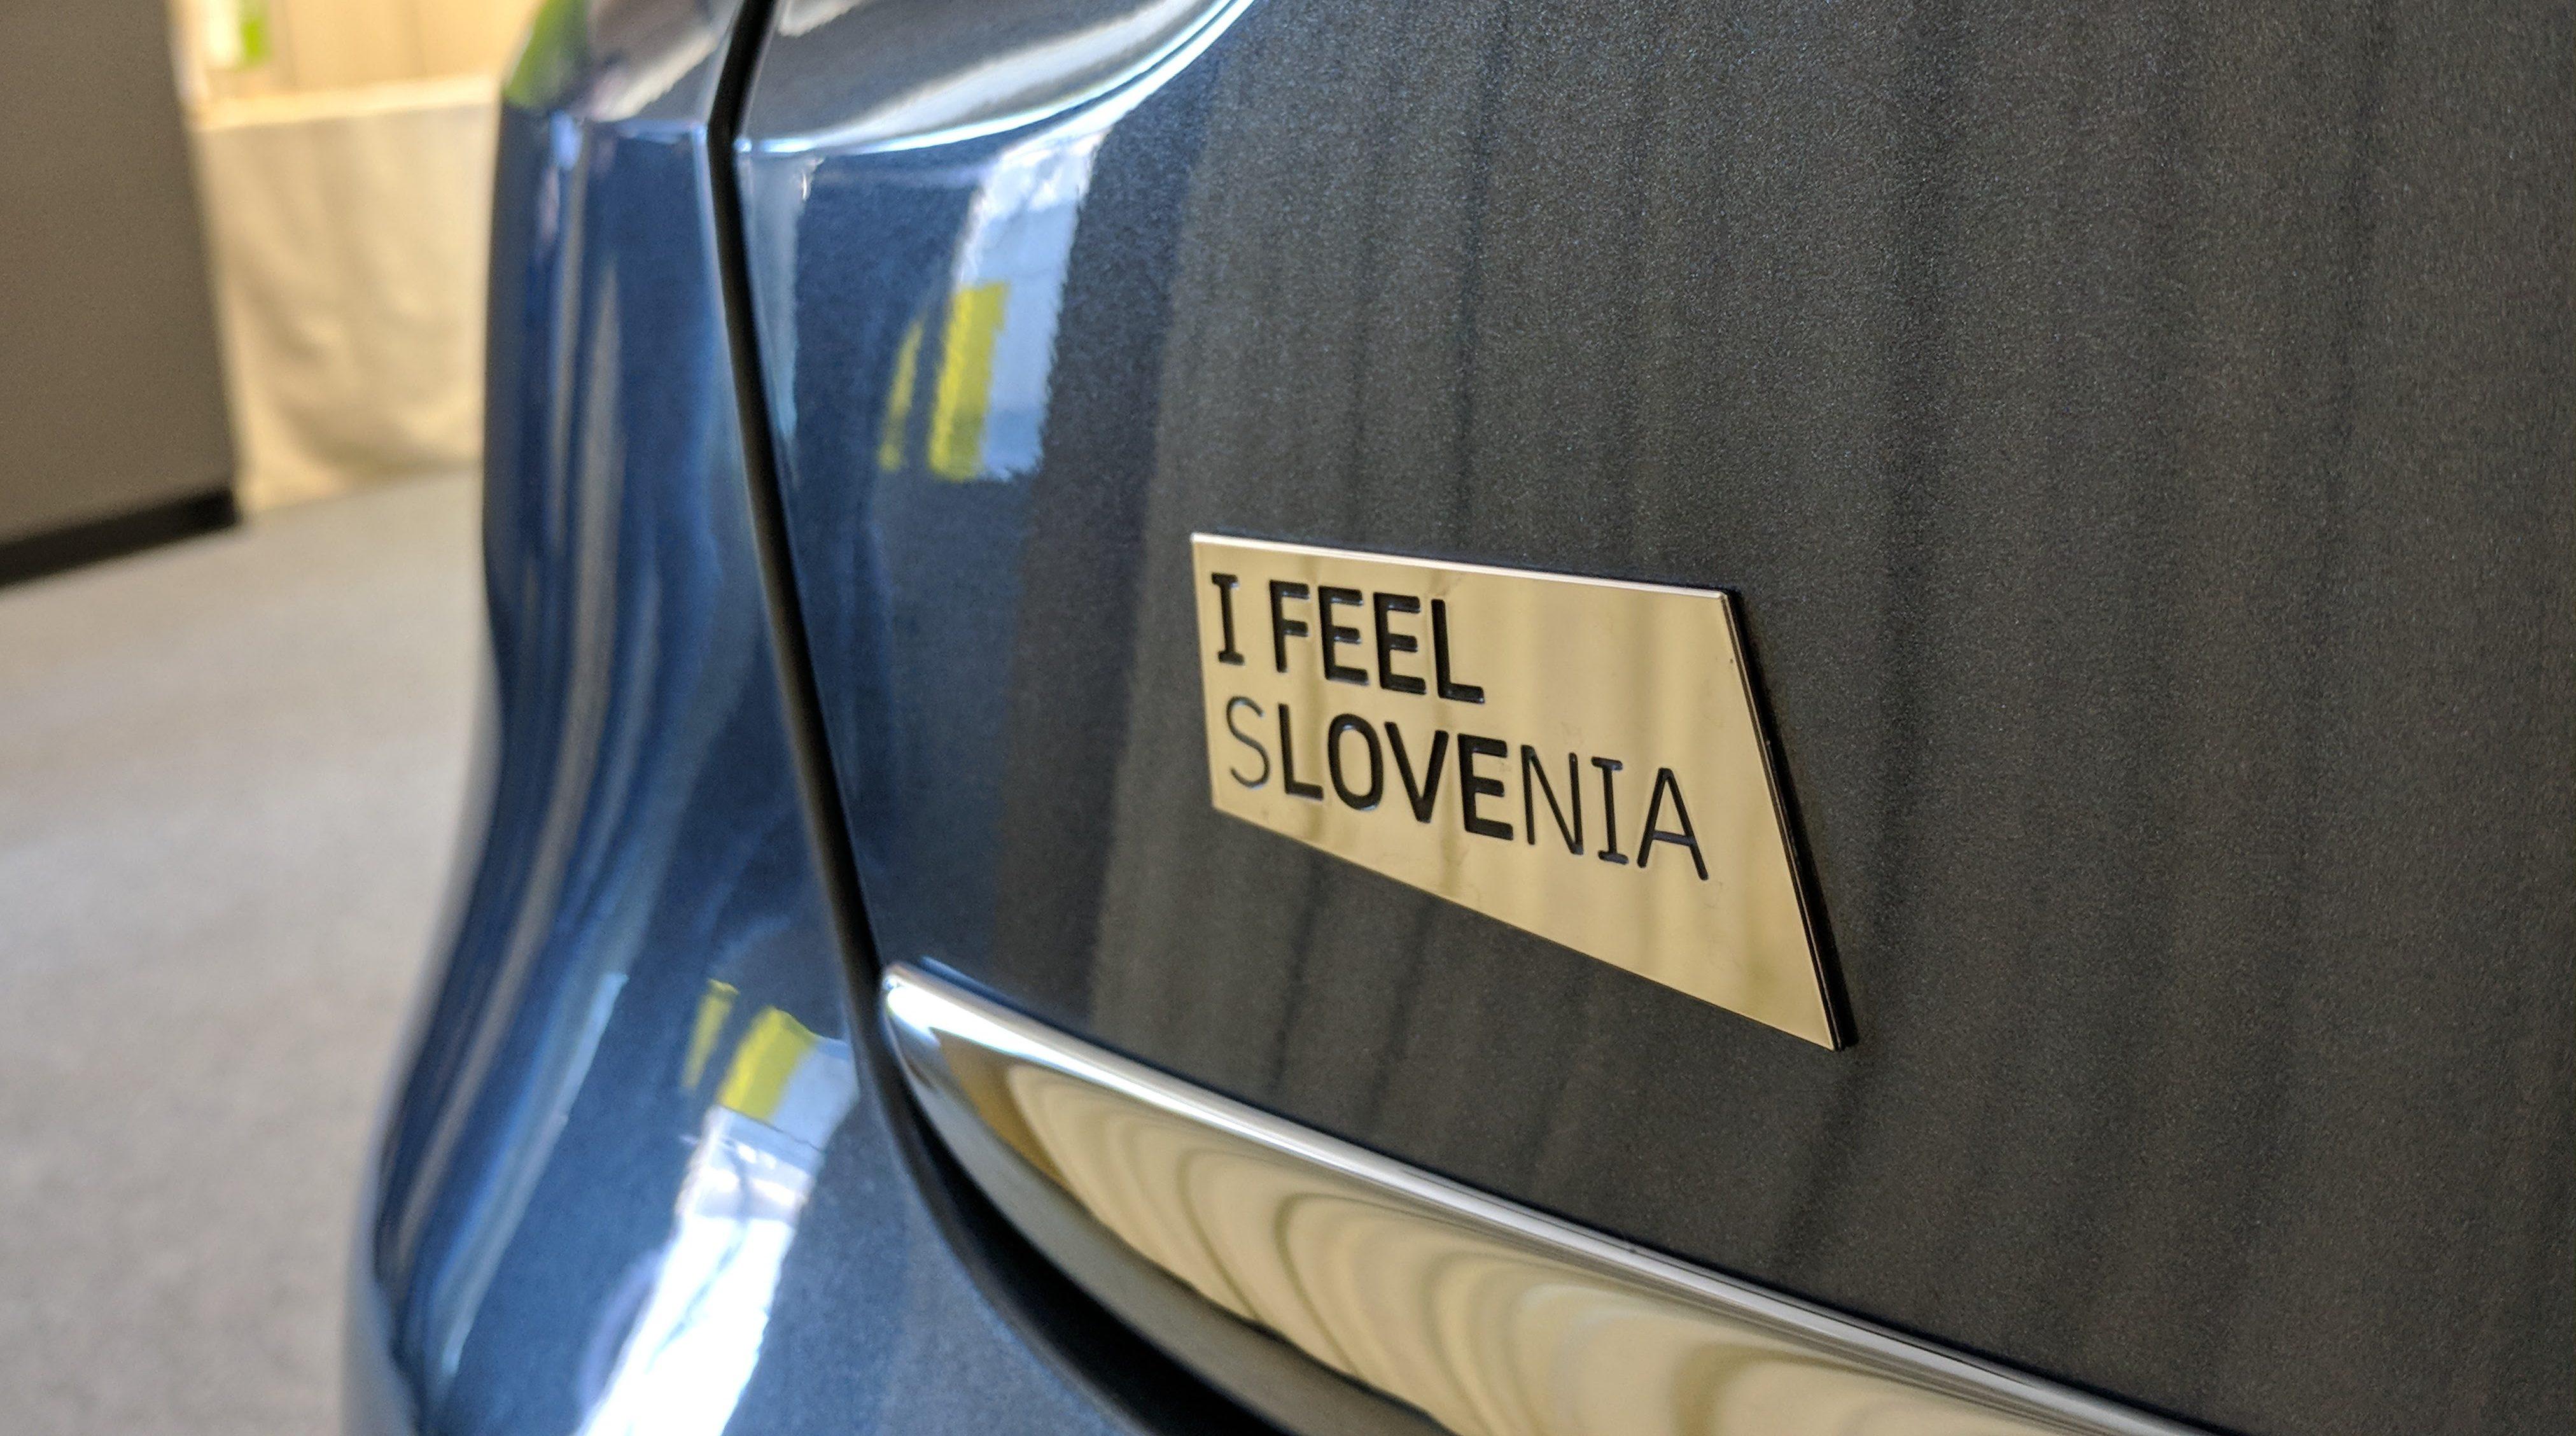 Novo doma: Renault Clio I feel Slovenia (ta'prav Sloven'c)